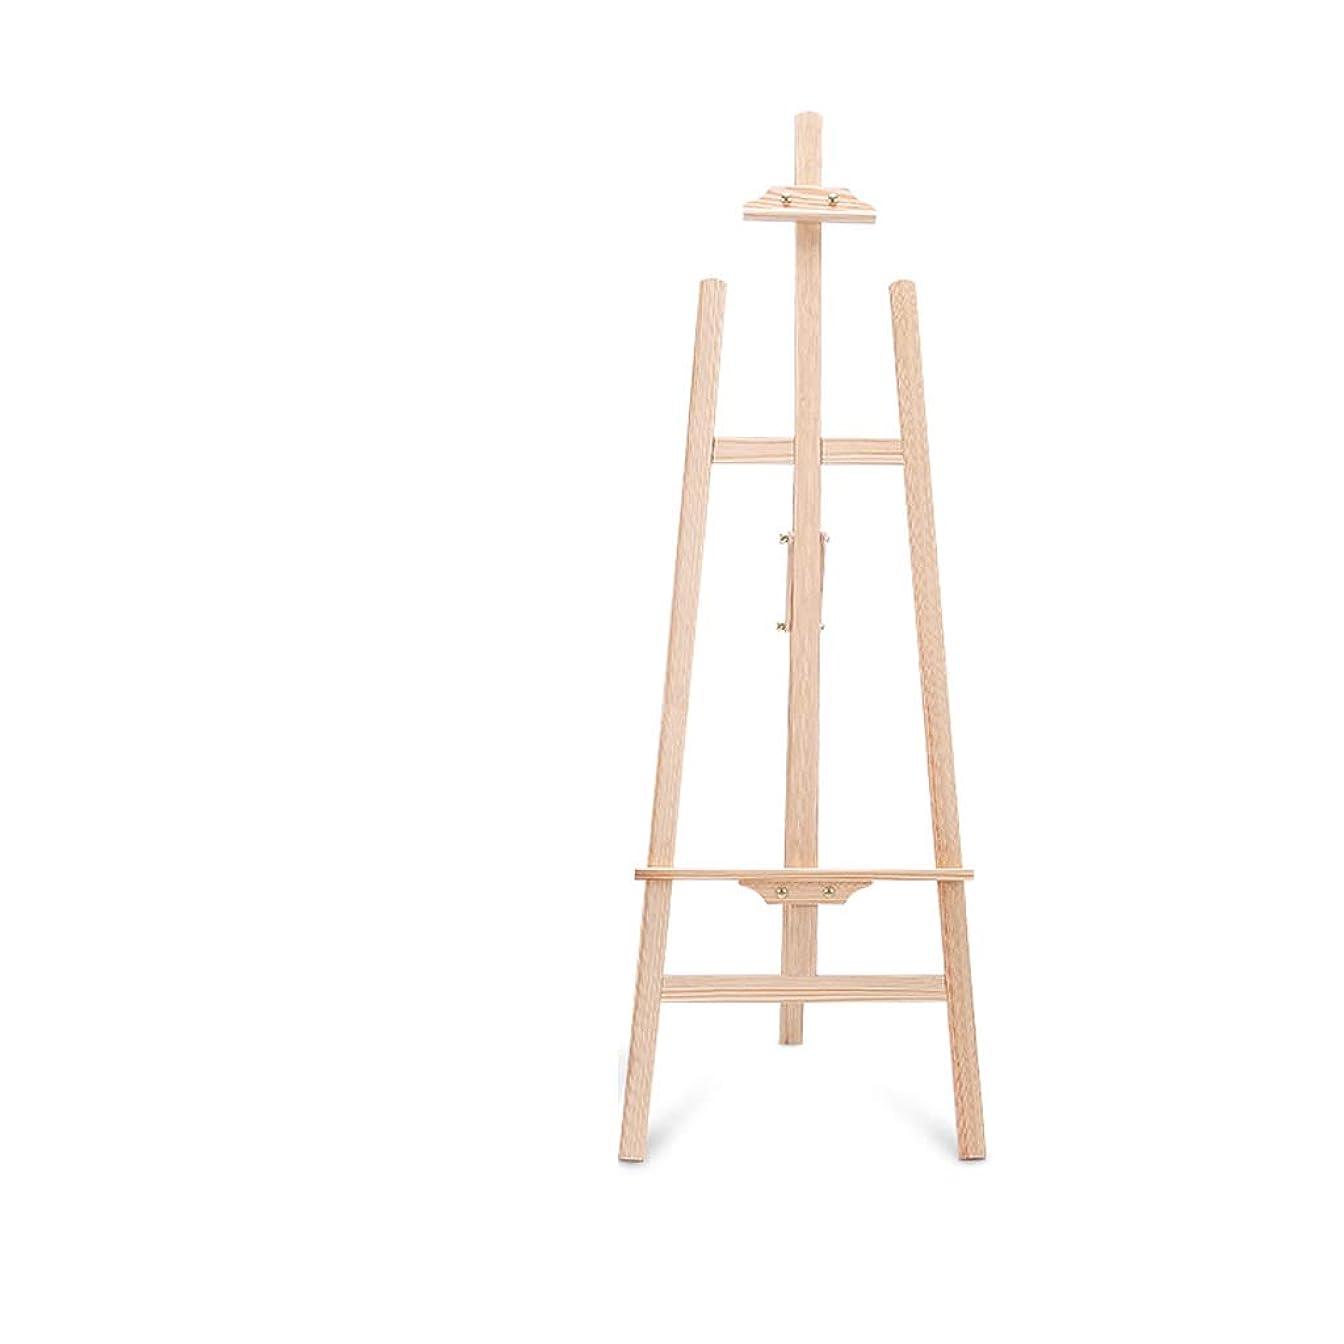 君主運賃副産物KTYXDE 150×50×58センチメートルを使用する学生に適した製図板イーゼルセット木製折りたたみ多機能スケッチスケッチ イーゼル